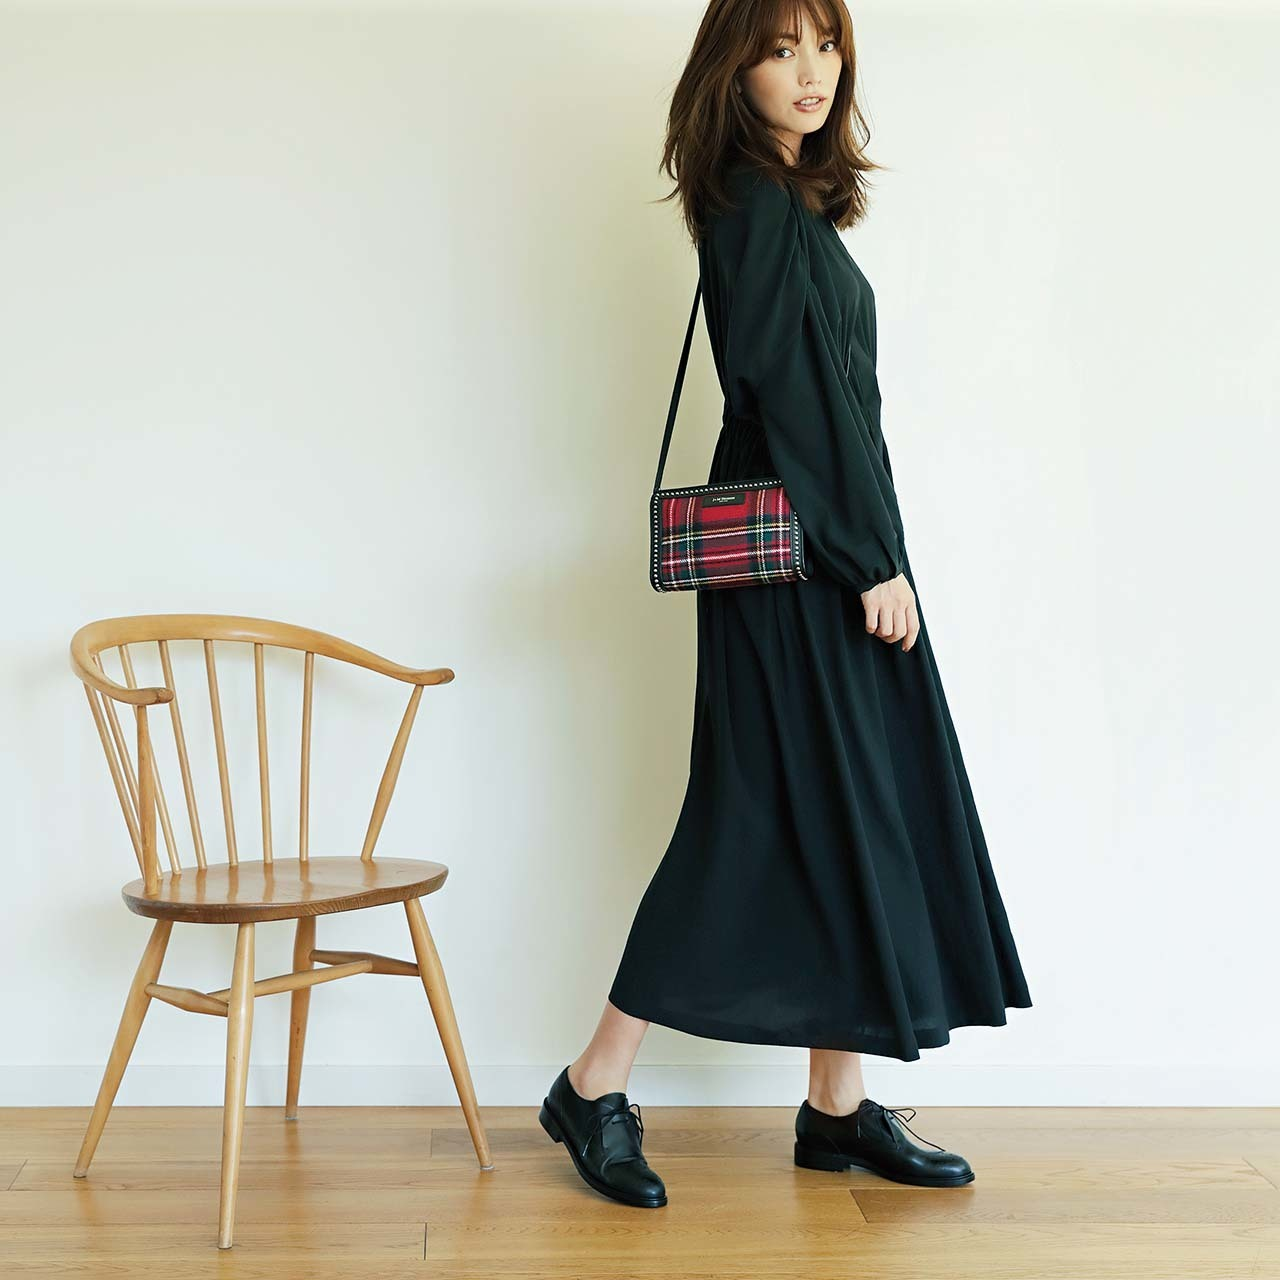 ファッション チェックのバッグ×黒ワンピースコーデ